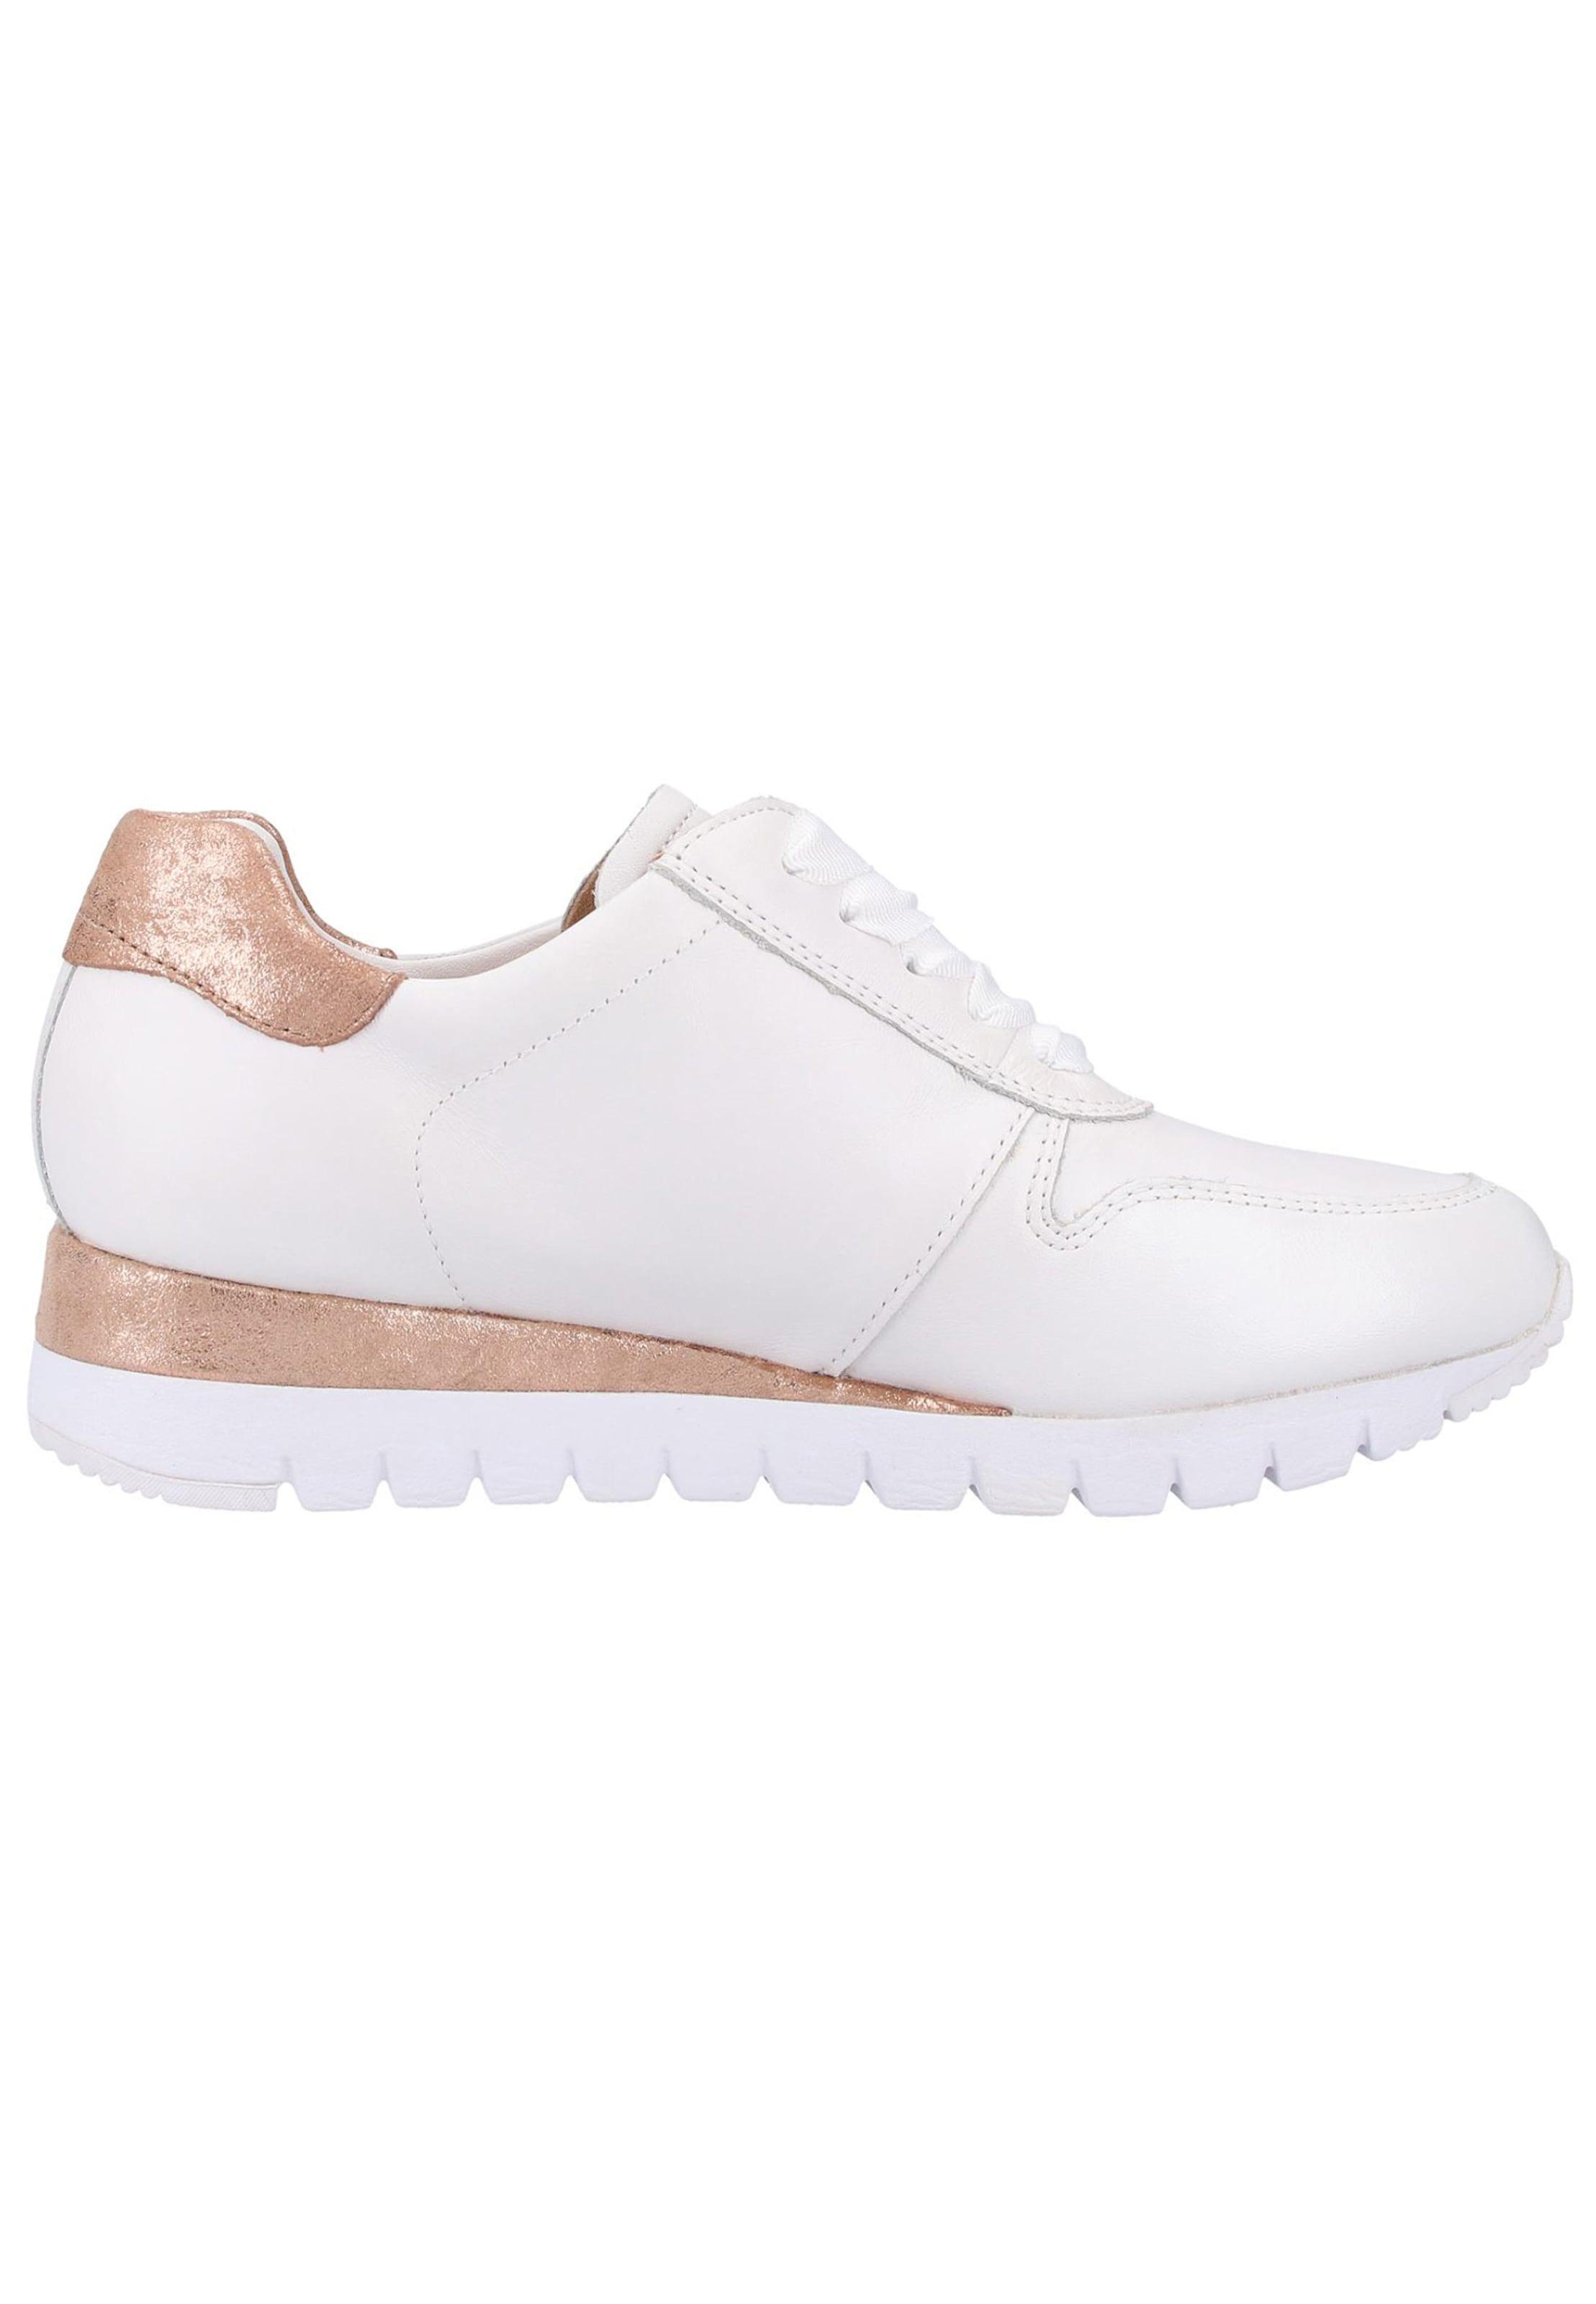 Sneaker Sneaker RosegoldWeiß RosegoldWeiß Sneaker In In RosegoldWeiß Caprice Caprice Caprice In Sneaker In Caprice dshrBoCQtx